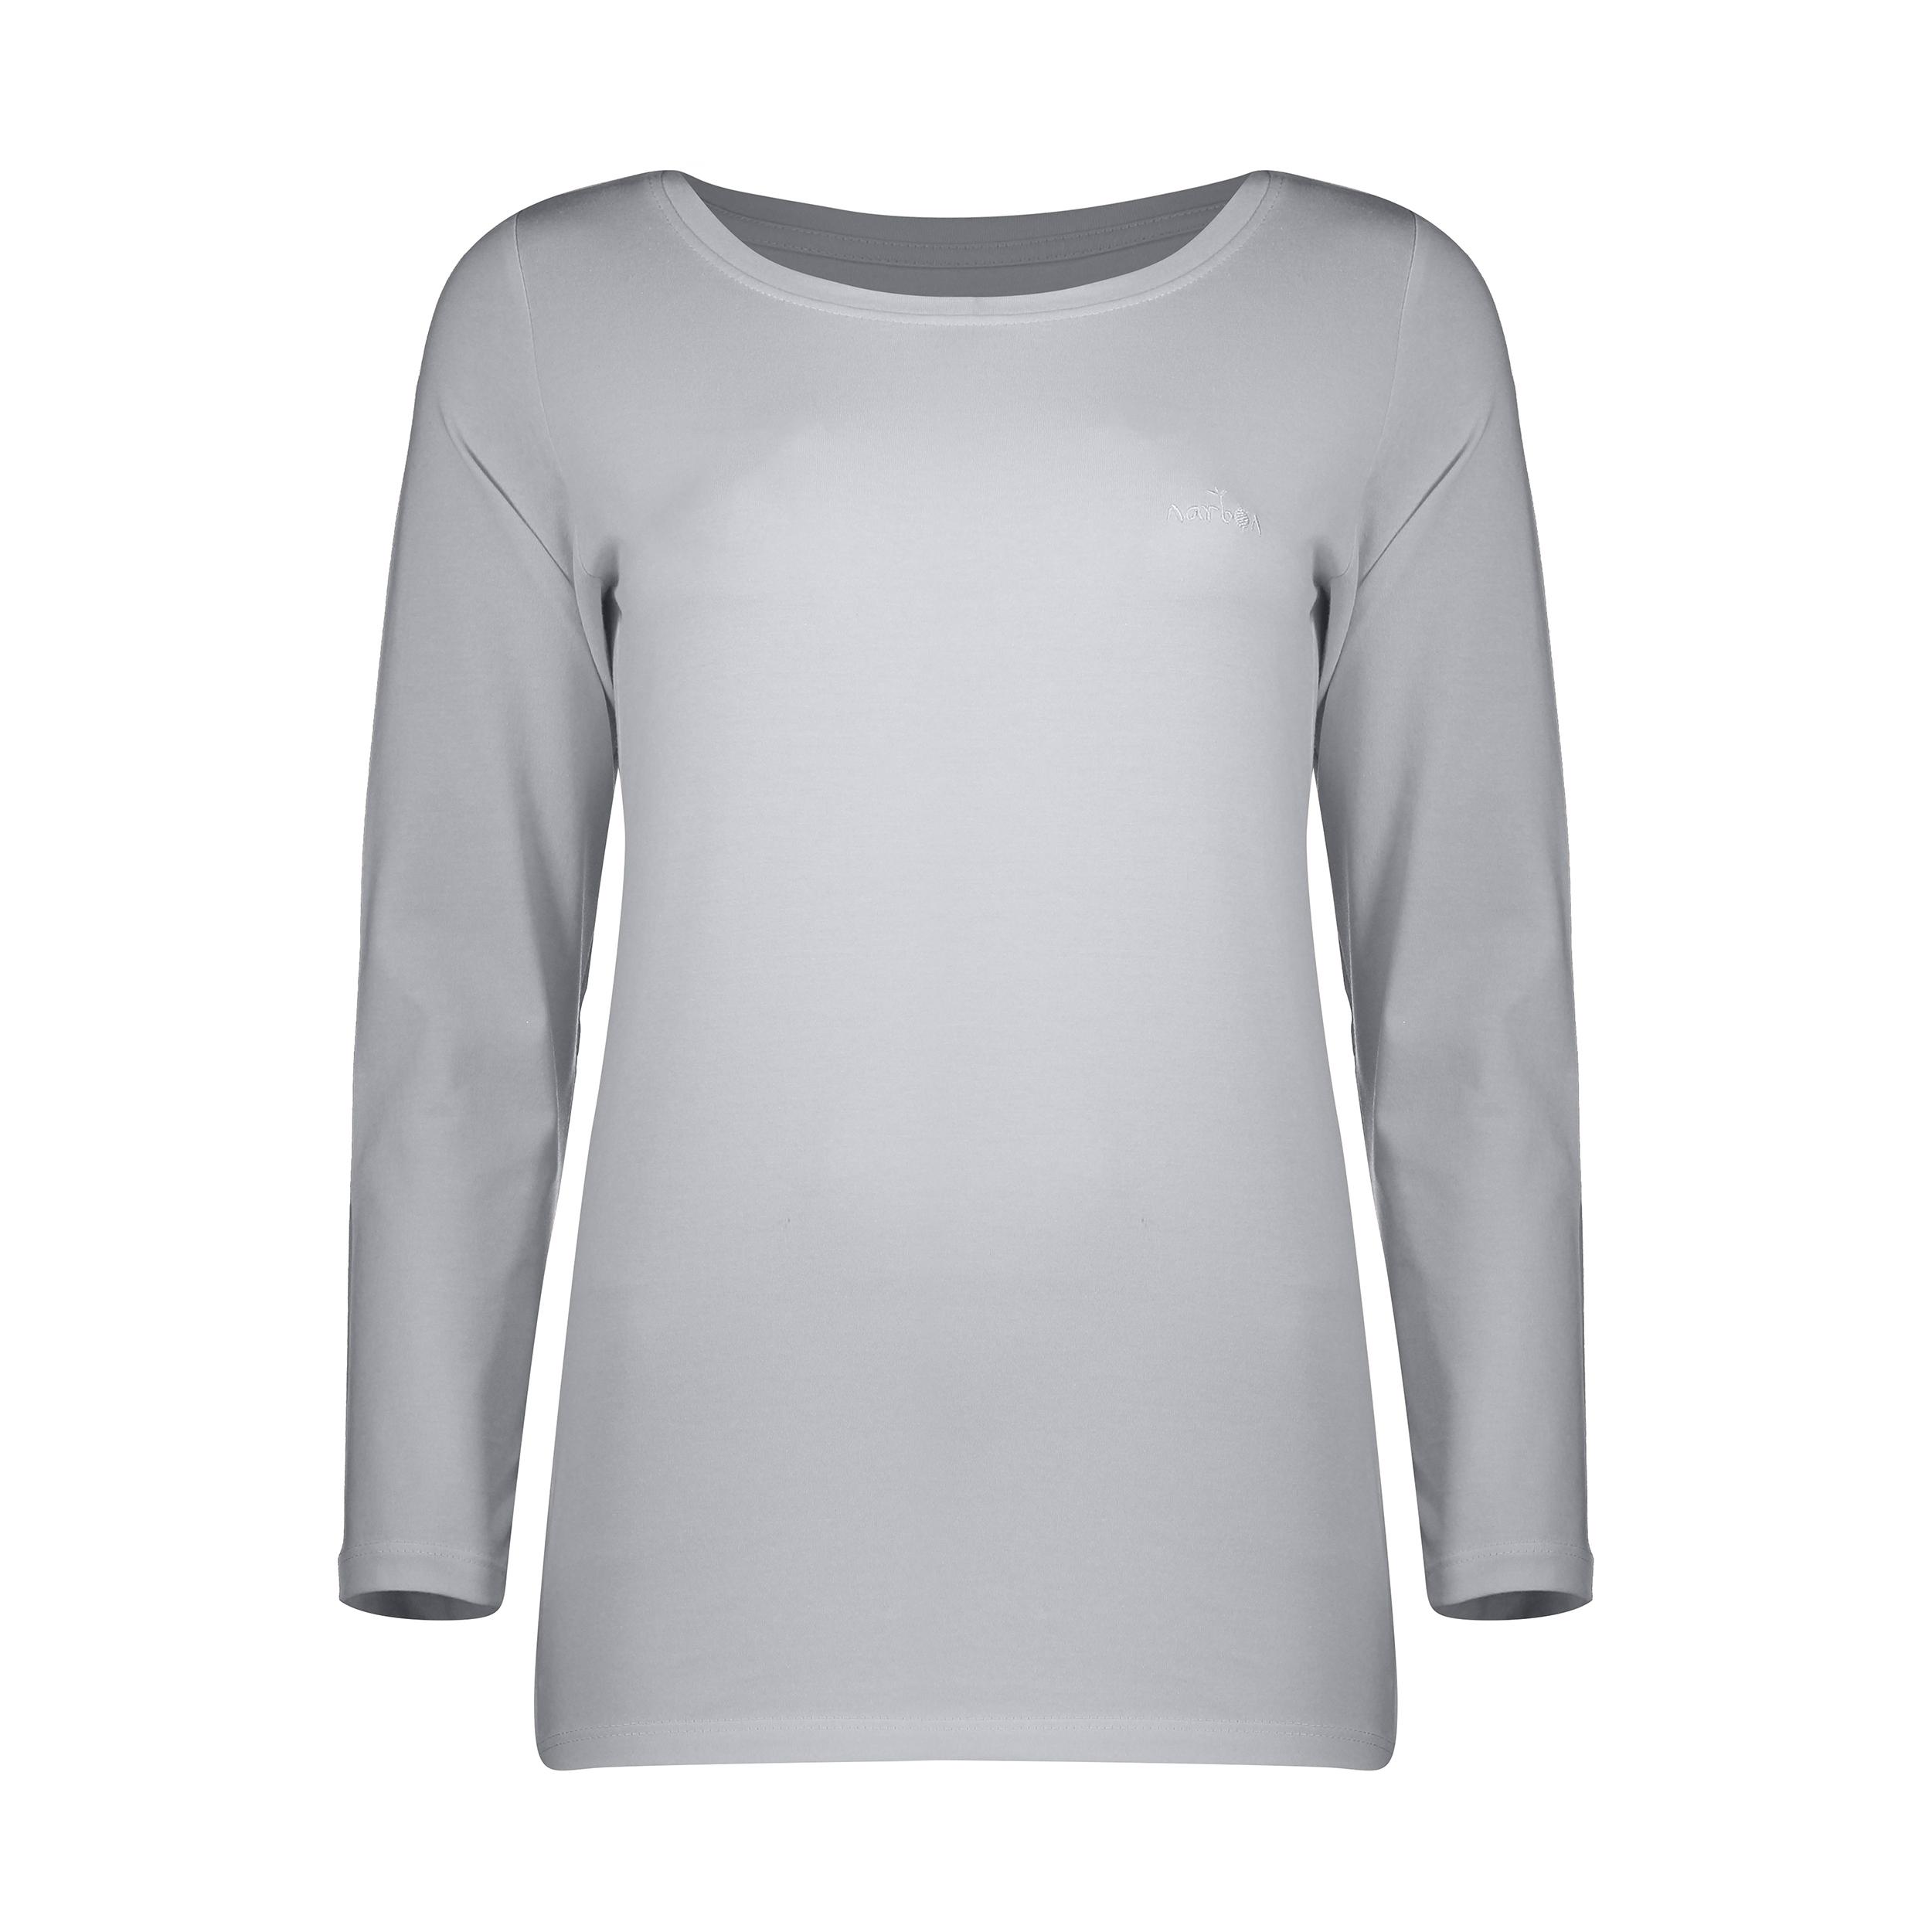 تی شرت زنانه ناربن مدل 1521300-90